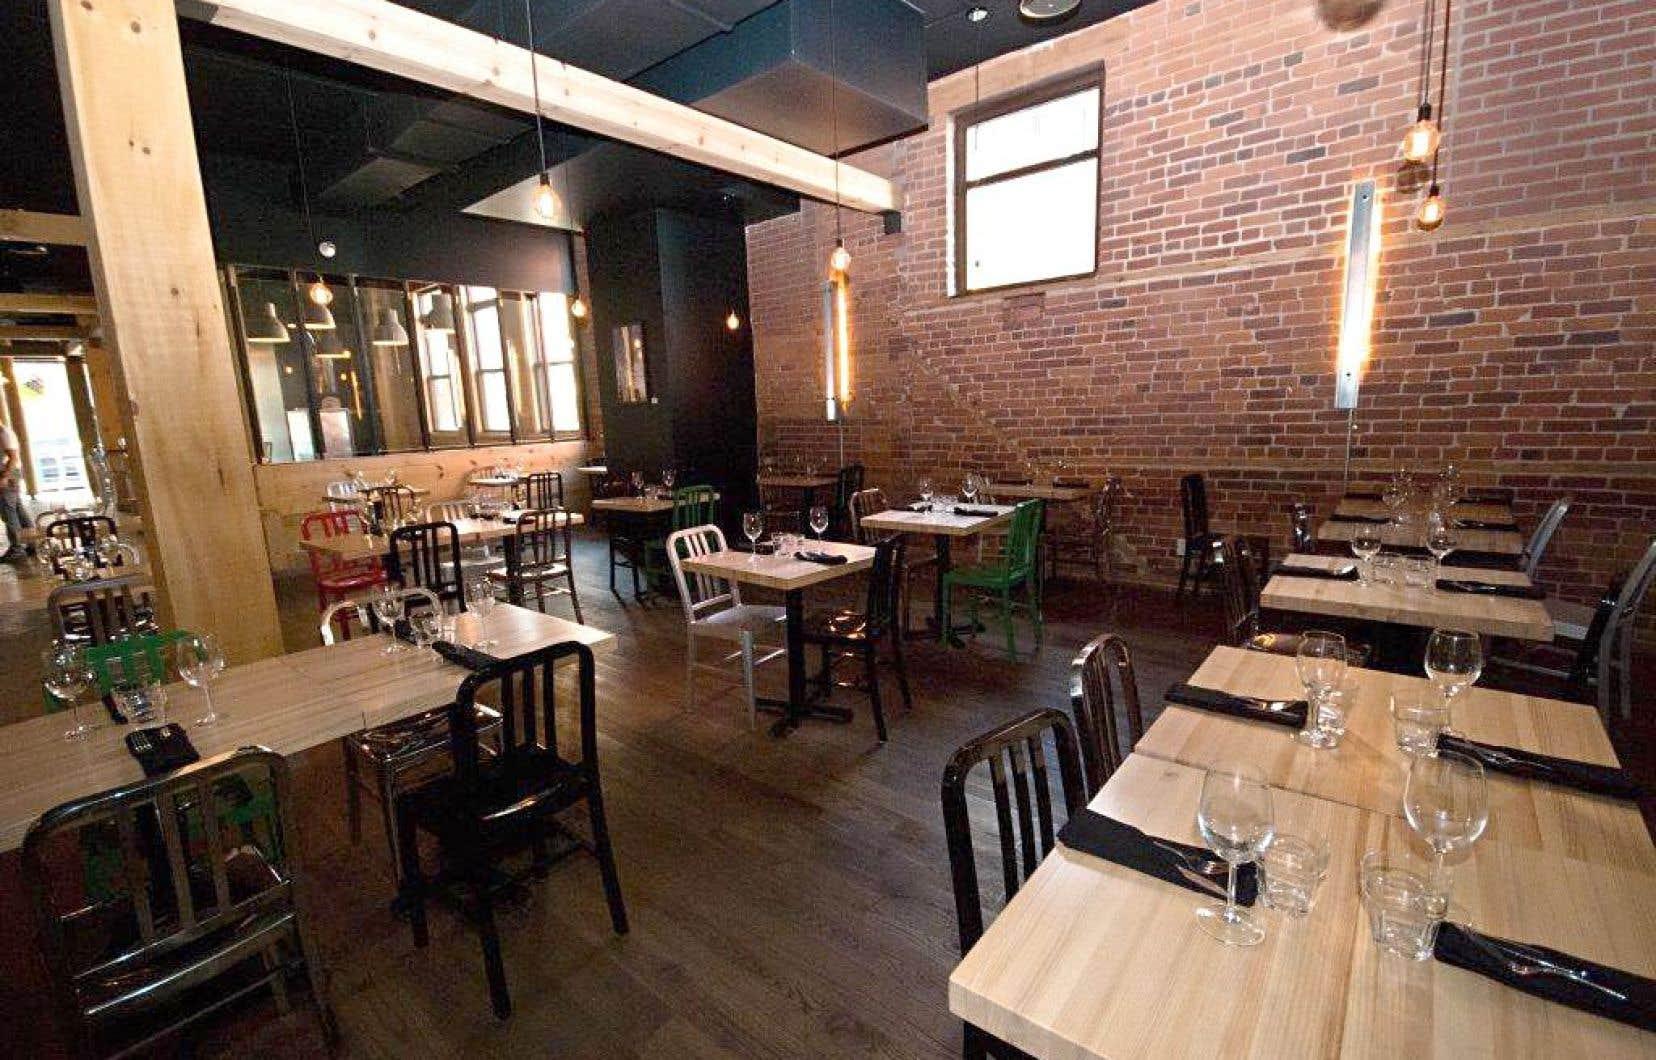 À Sherbrooke, la « Taverve américaine » O Chevreuil n'a de la taverne que le nom, au grand plaisir de notre critique Jean-Philippe Tastet, qui a trouvé à cette adresse une table prometteuse et festive.